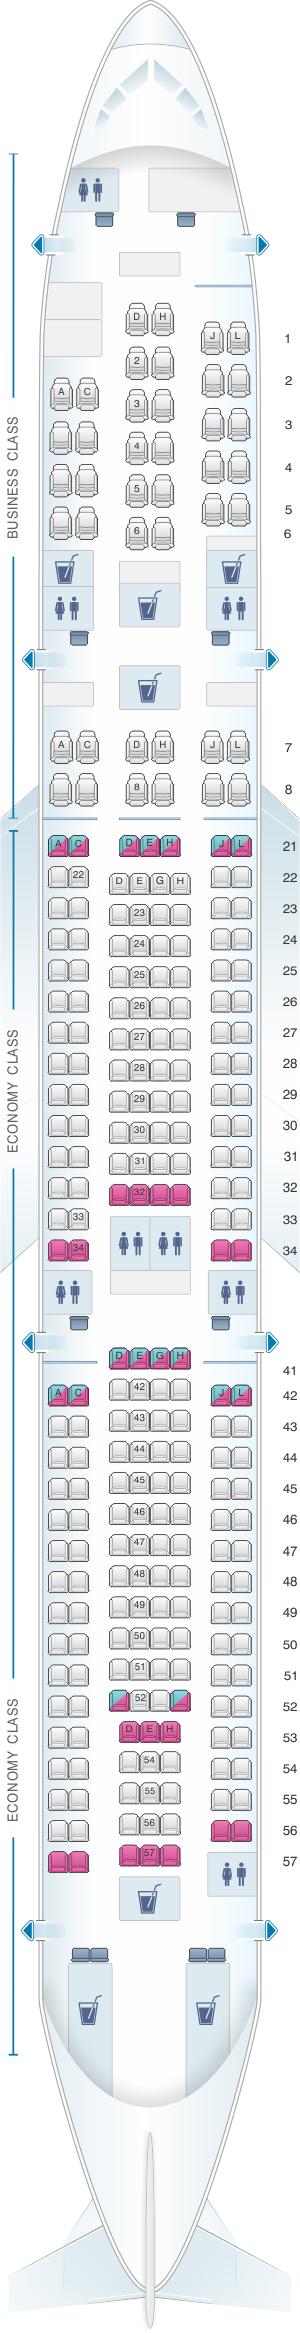 Seat map for Finnair Airbus A340 300 270PAX